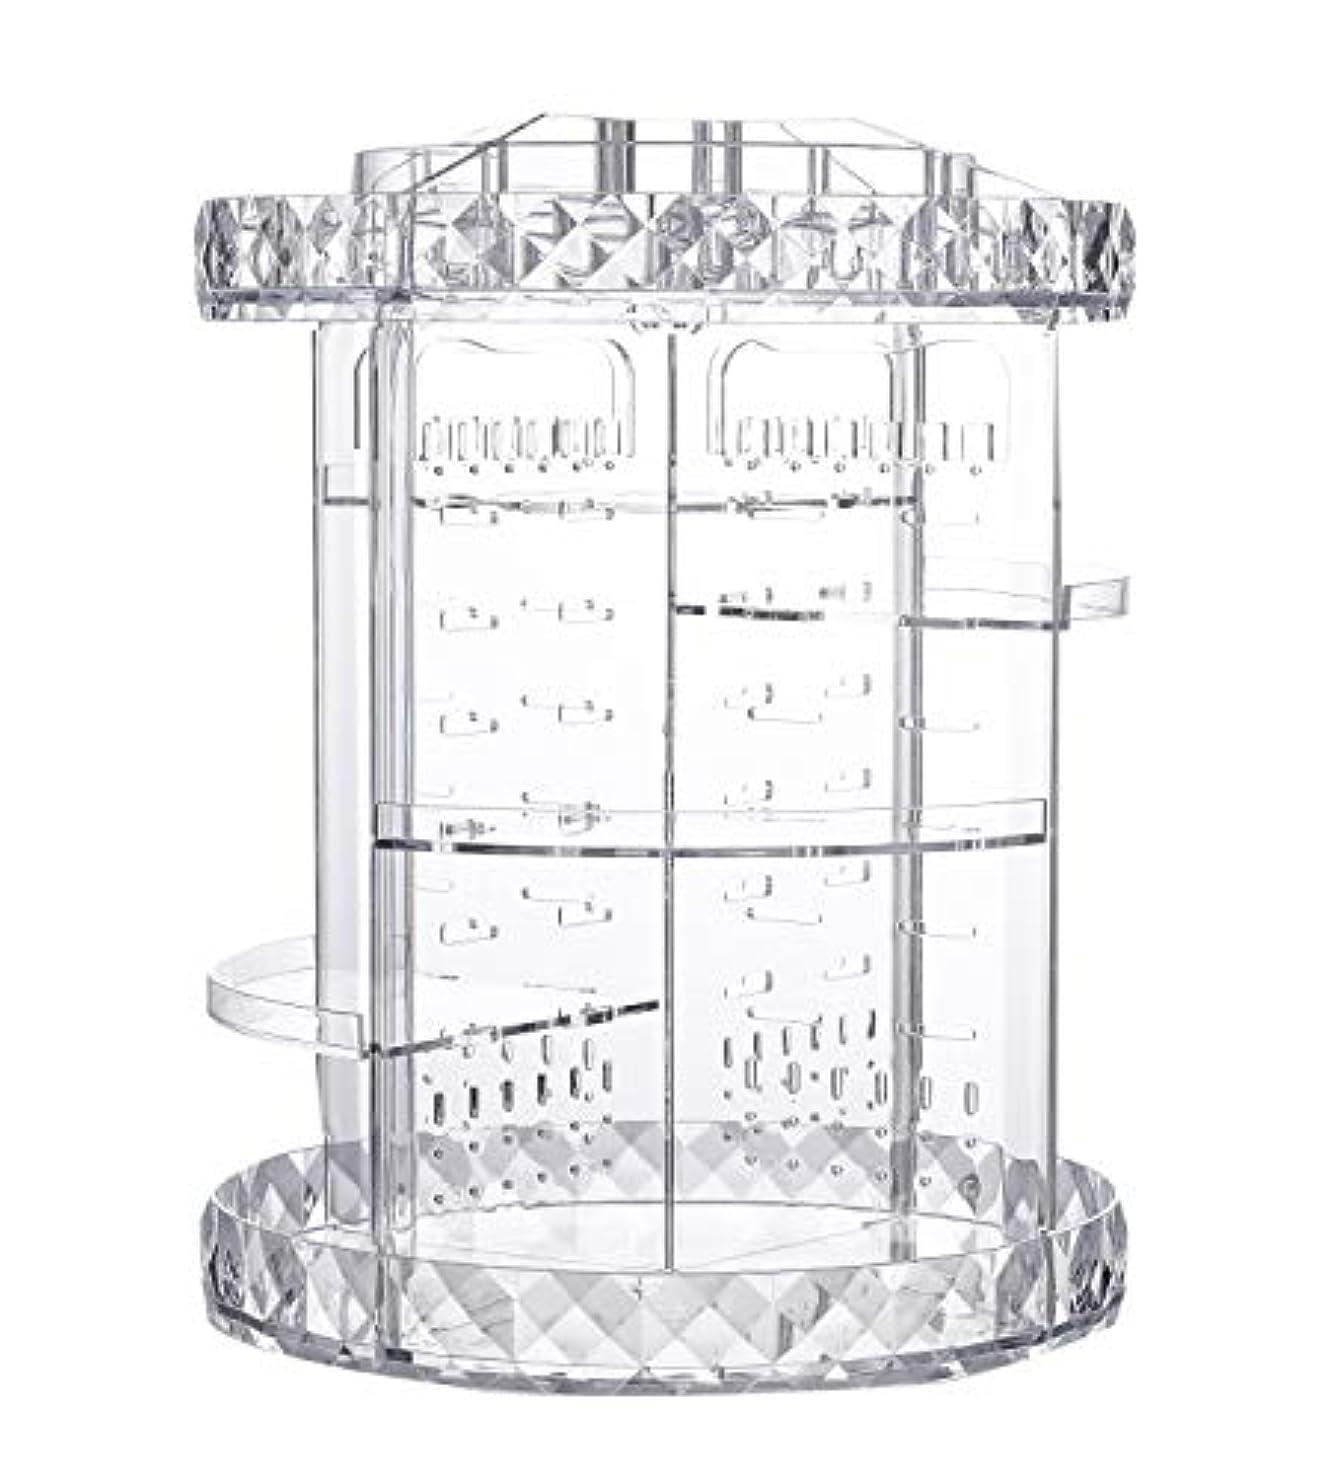 商業のキャメルパテ化粧品収納ボックス ネックレス収納 アクセサリー収納 回転式360度 透明 メイクボックス 組み立て 調整可能